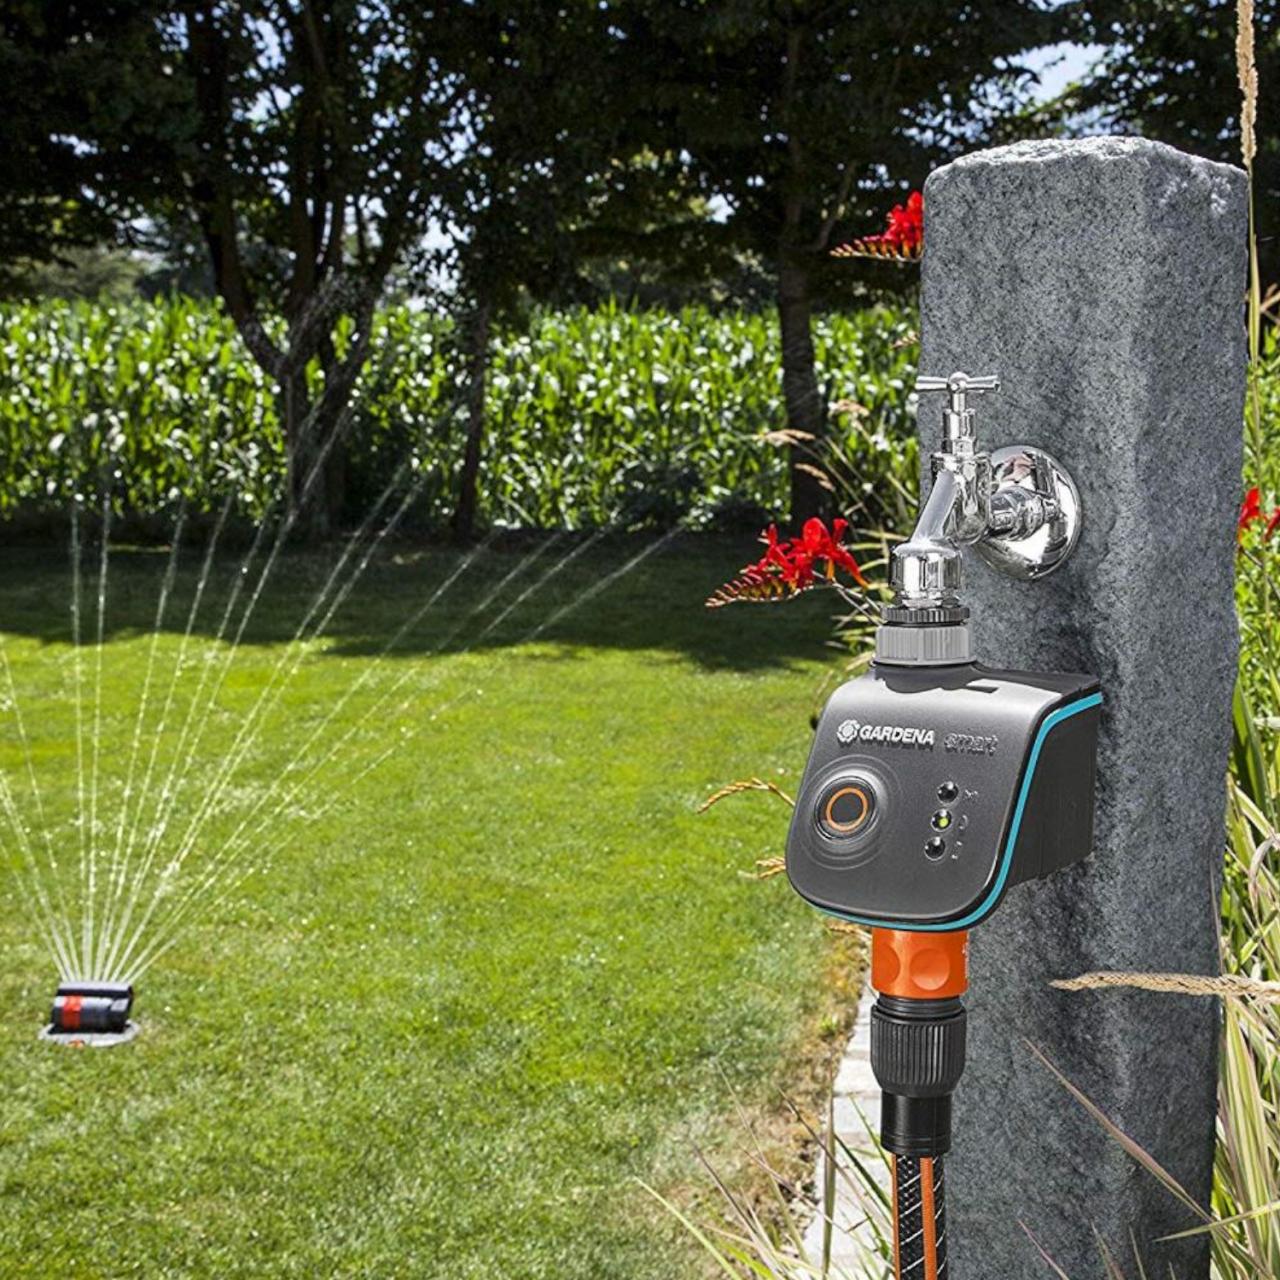 Gardena 19031-20 smart Water Control Bewässerungssteuerung per App Bewässerung